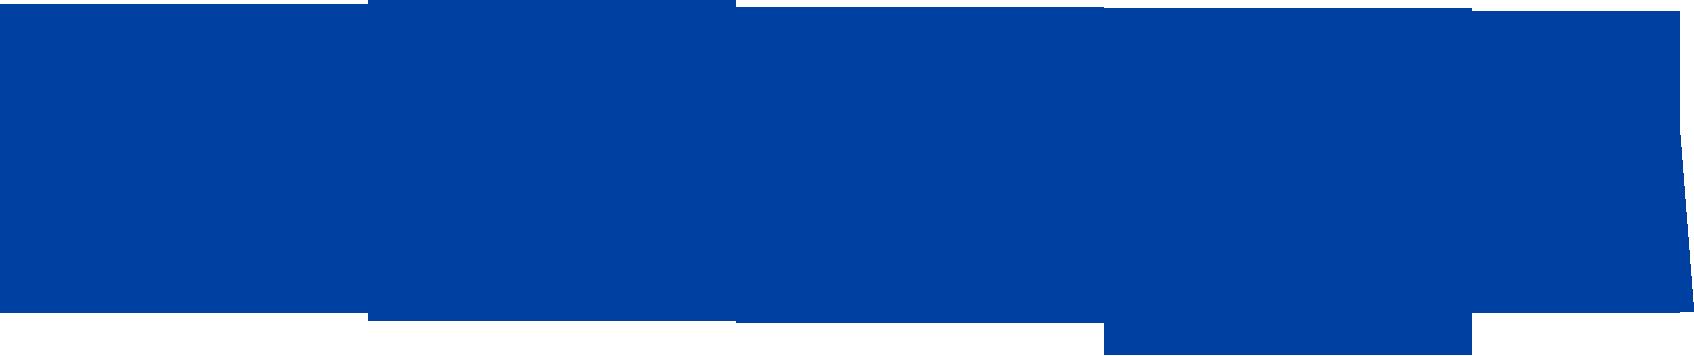 شرکت تولیدی لوازم خانگی بوران